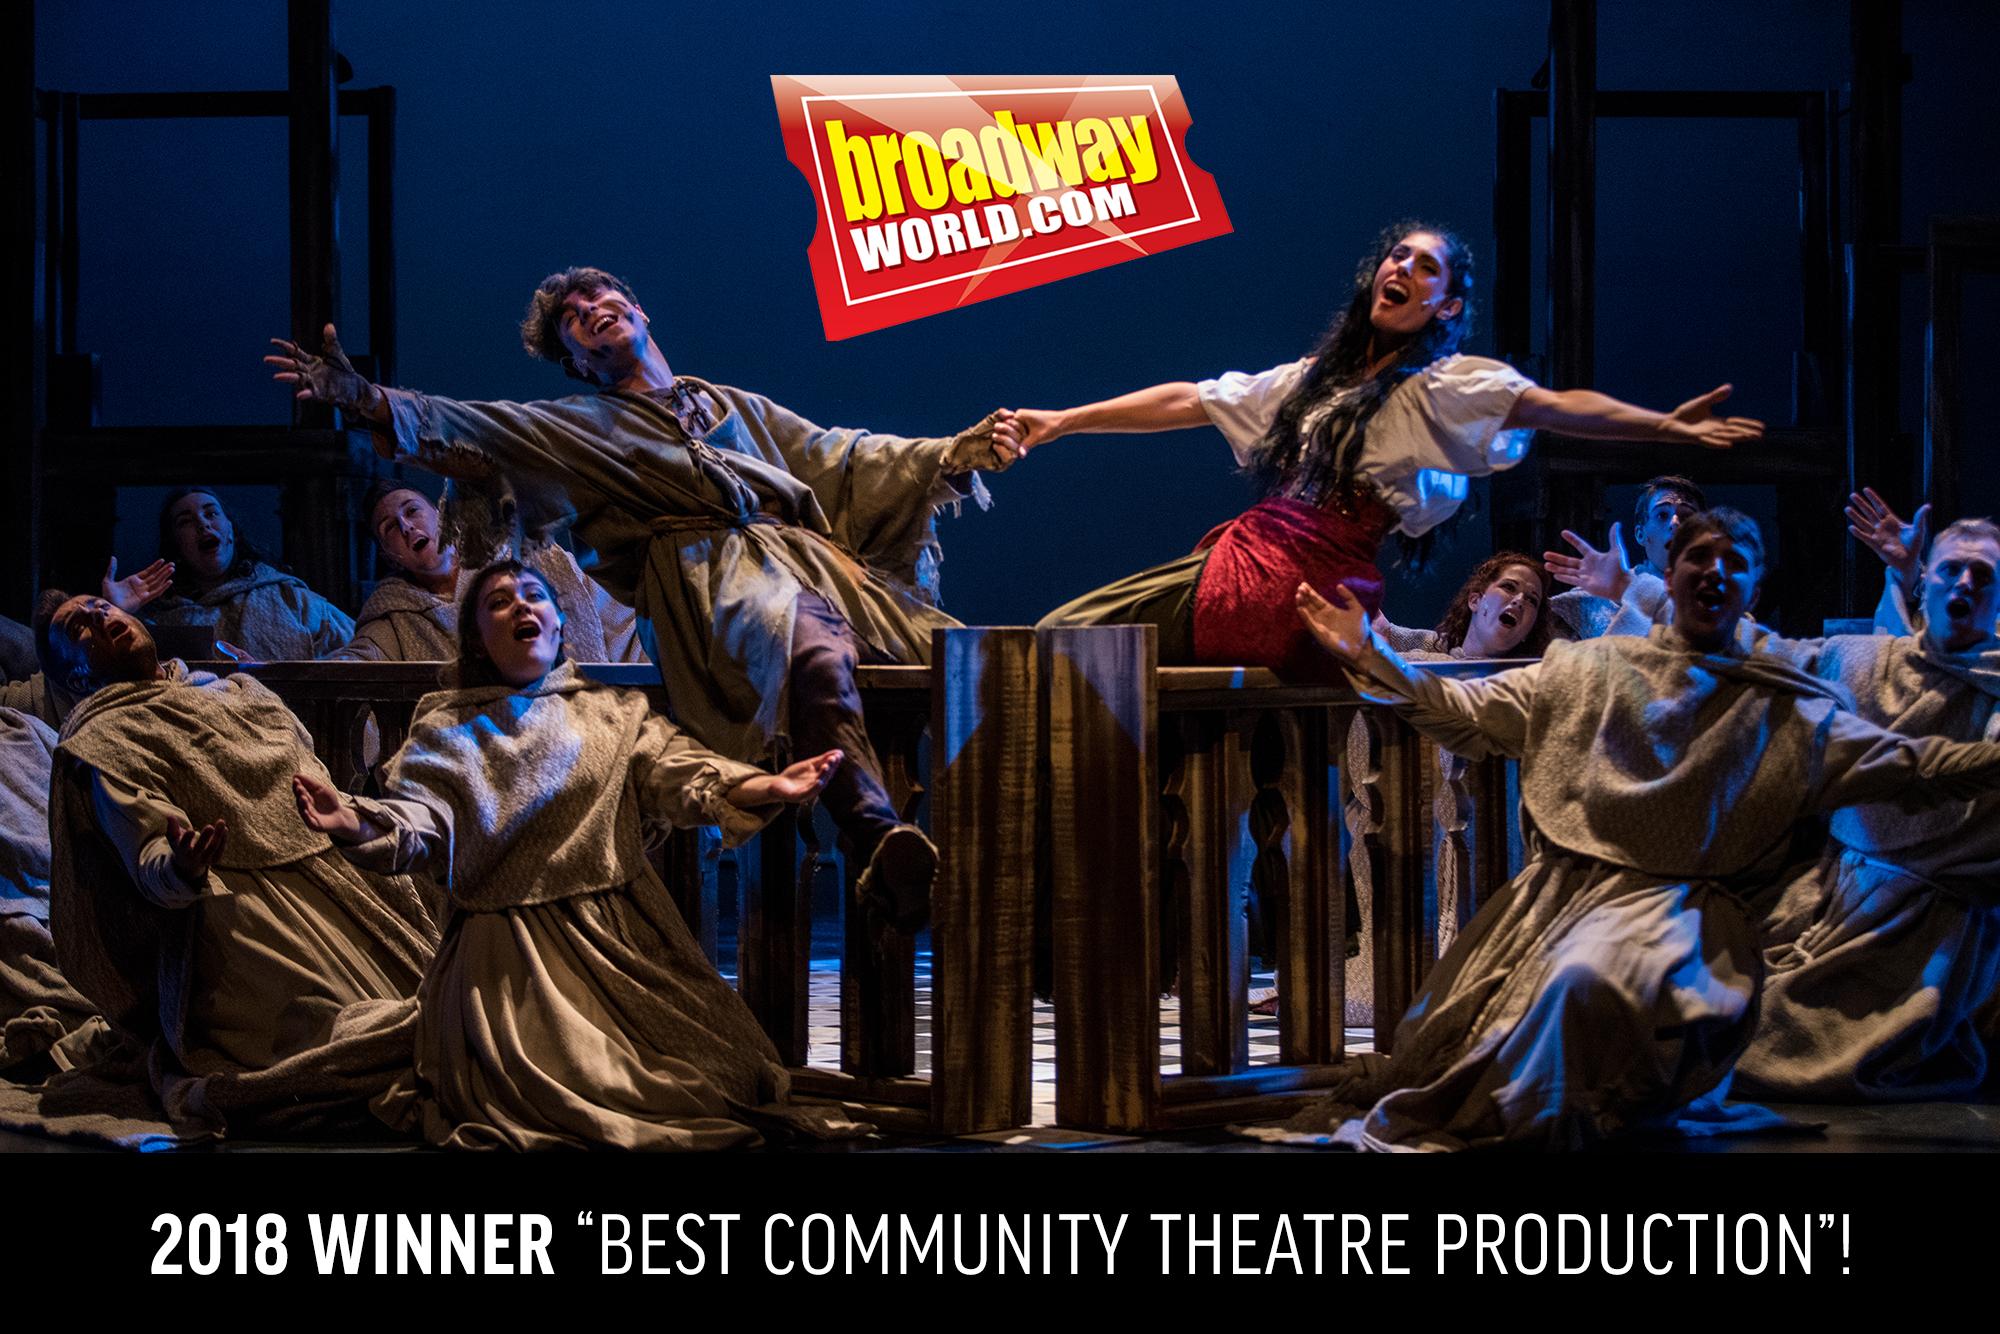 winner-toronto-broadway-musical.jpg